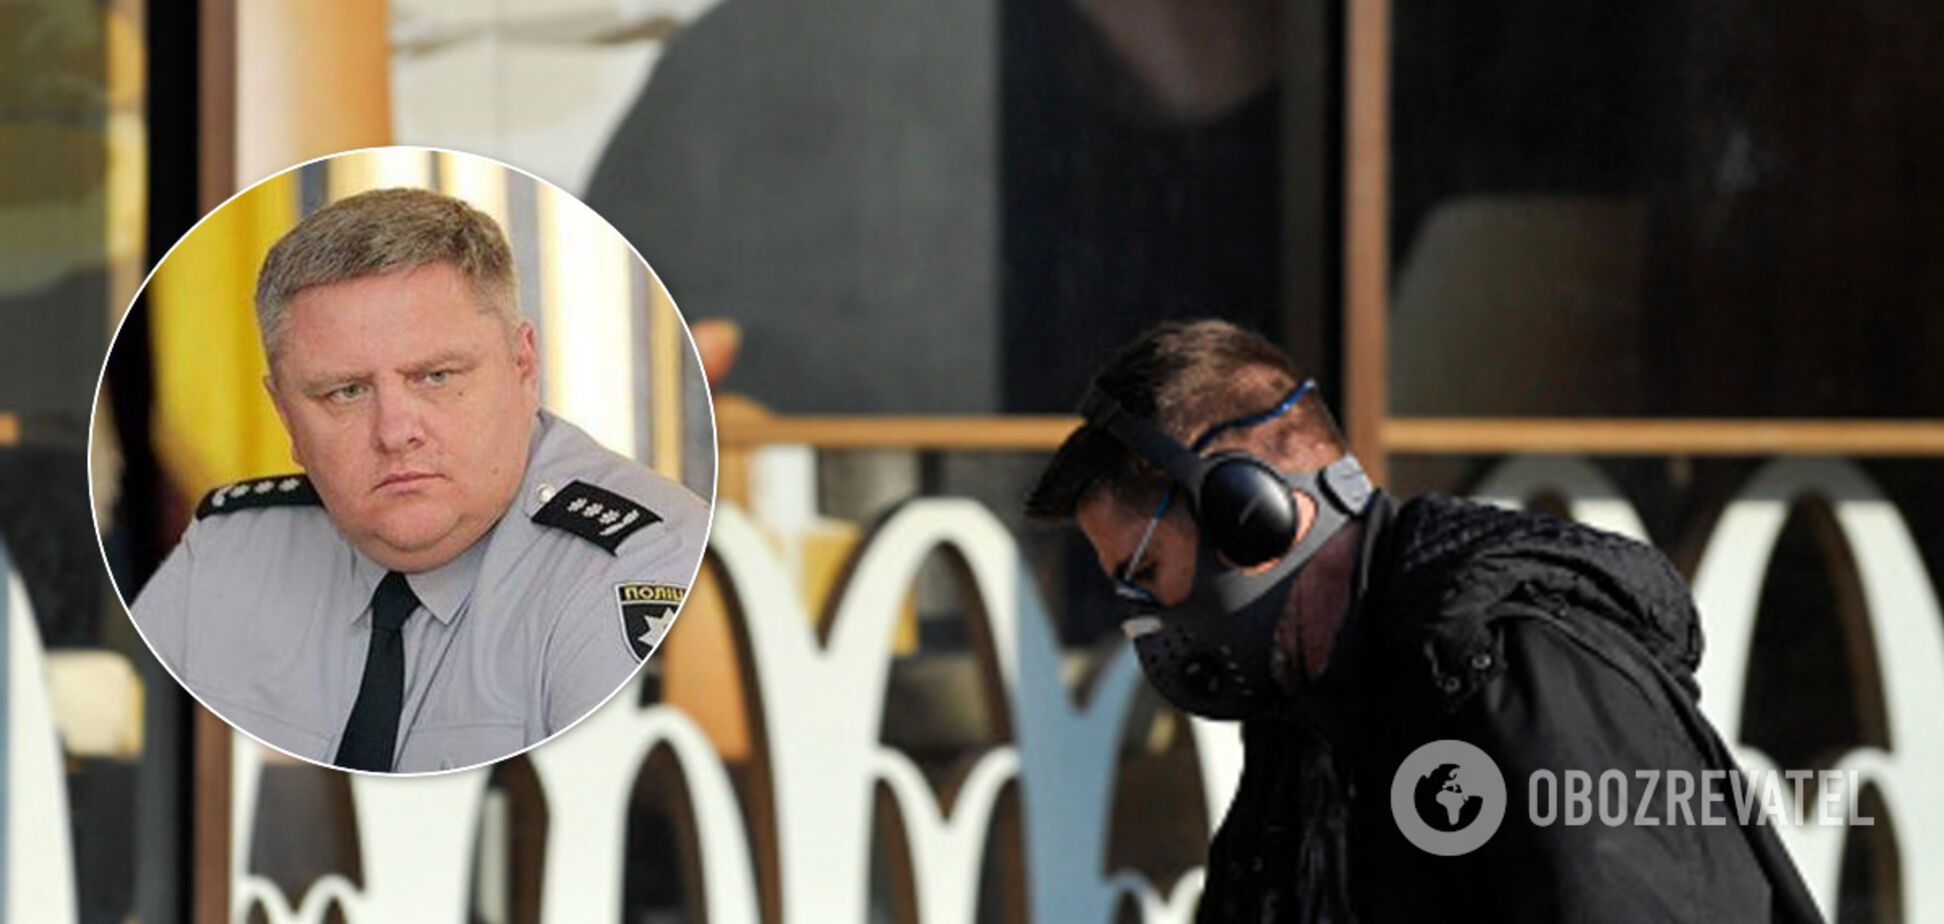 Комендантский час во время карантина может предотвратить мародерство – Крищенко